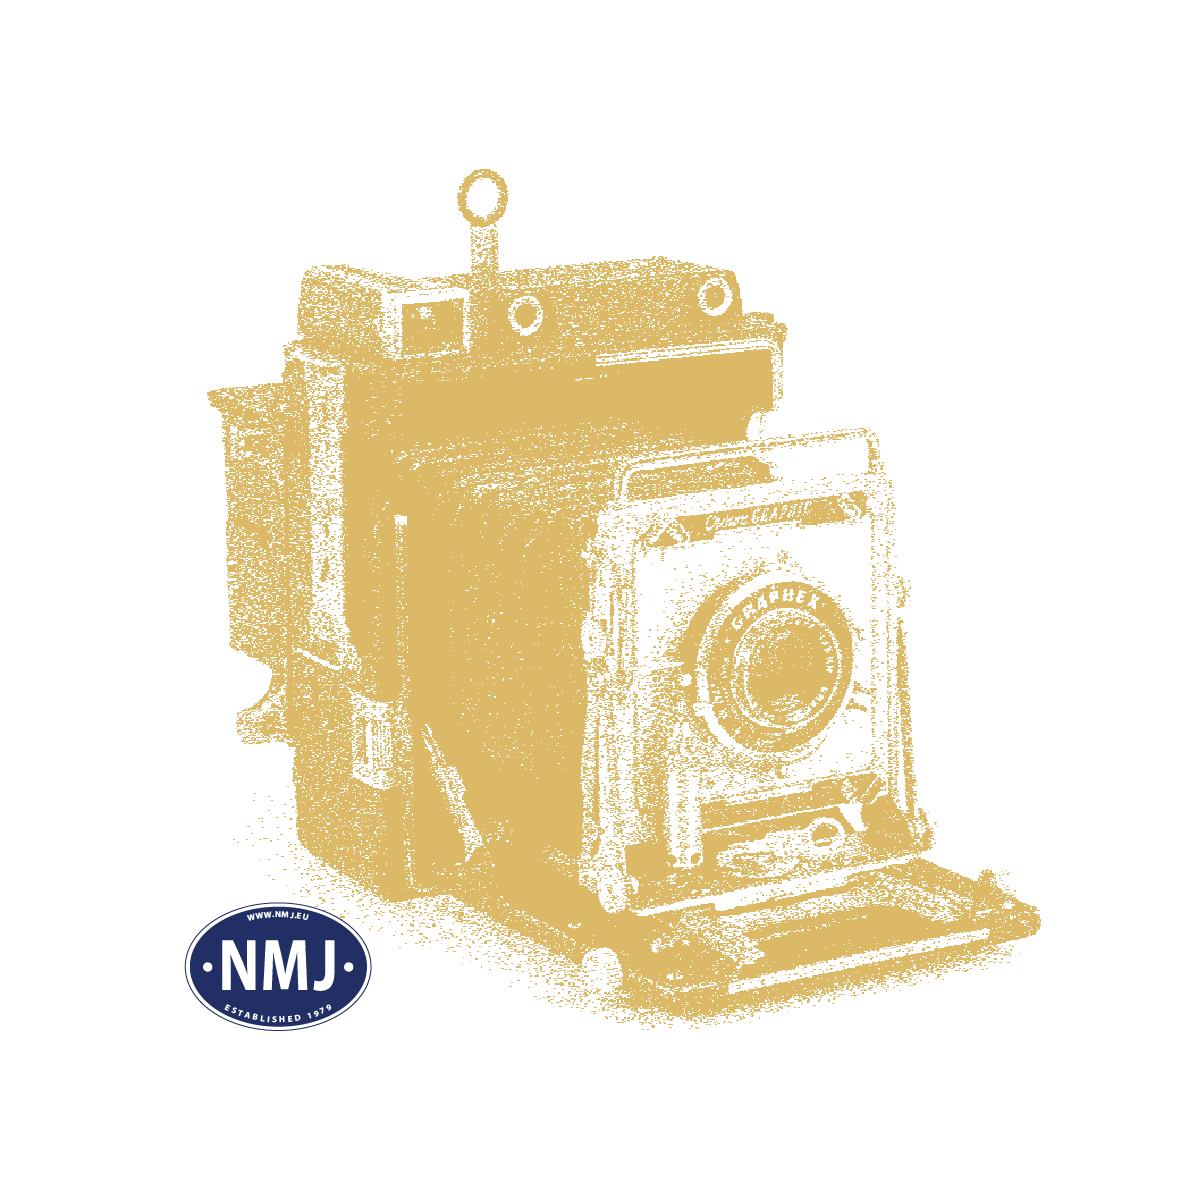 NMJ025002 - NMJ Superline Modell des Abteilwagens B10 25002 der NSB  Spur 0